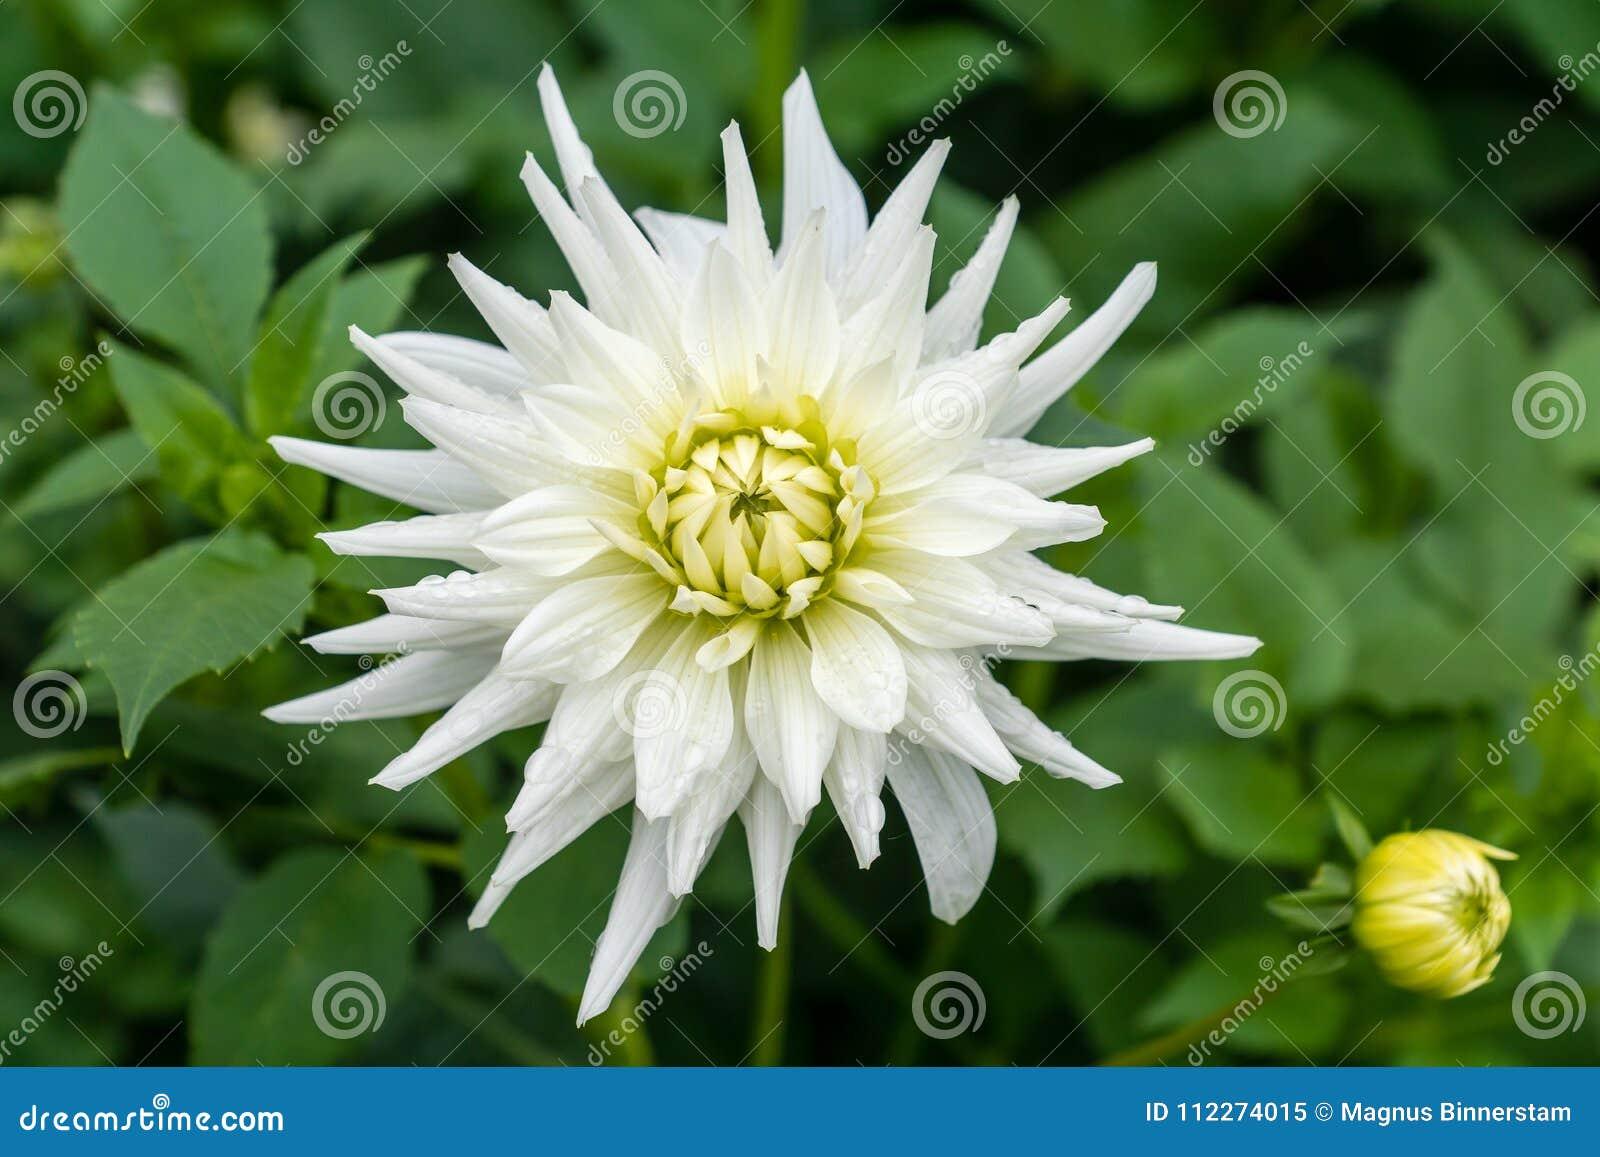 Excepcional Flor De Lis De Uñas Bosquejo - Ideas de Pintar de Uñas ...